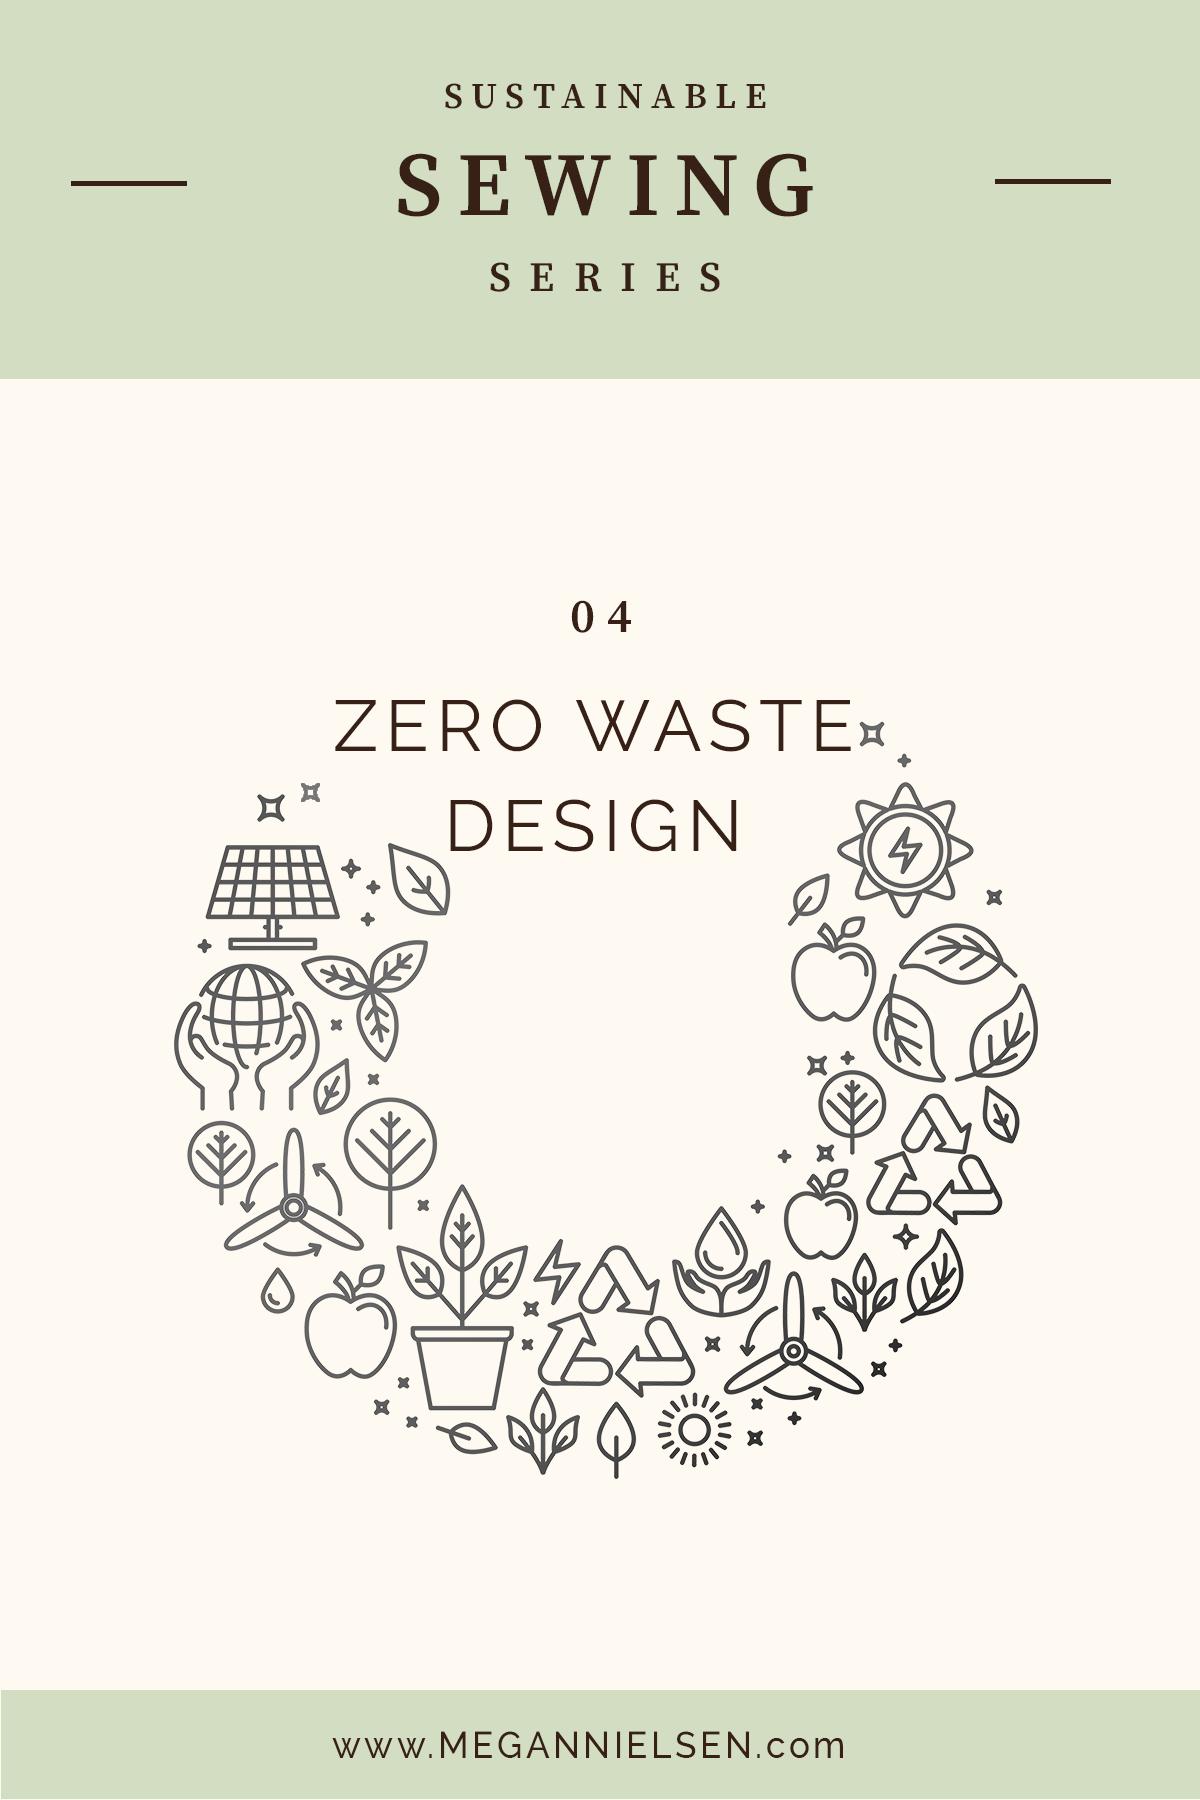 Sustainable Sewing 5 Zero Waste